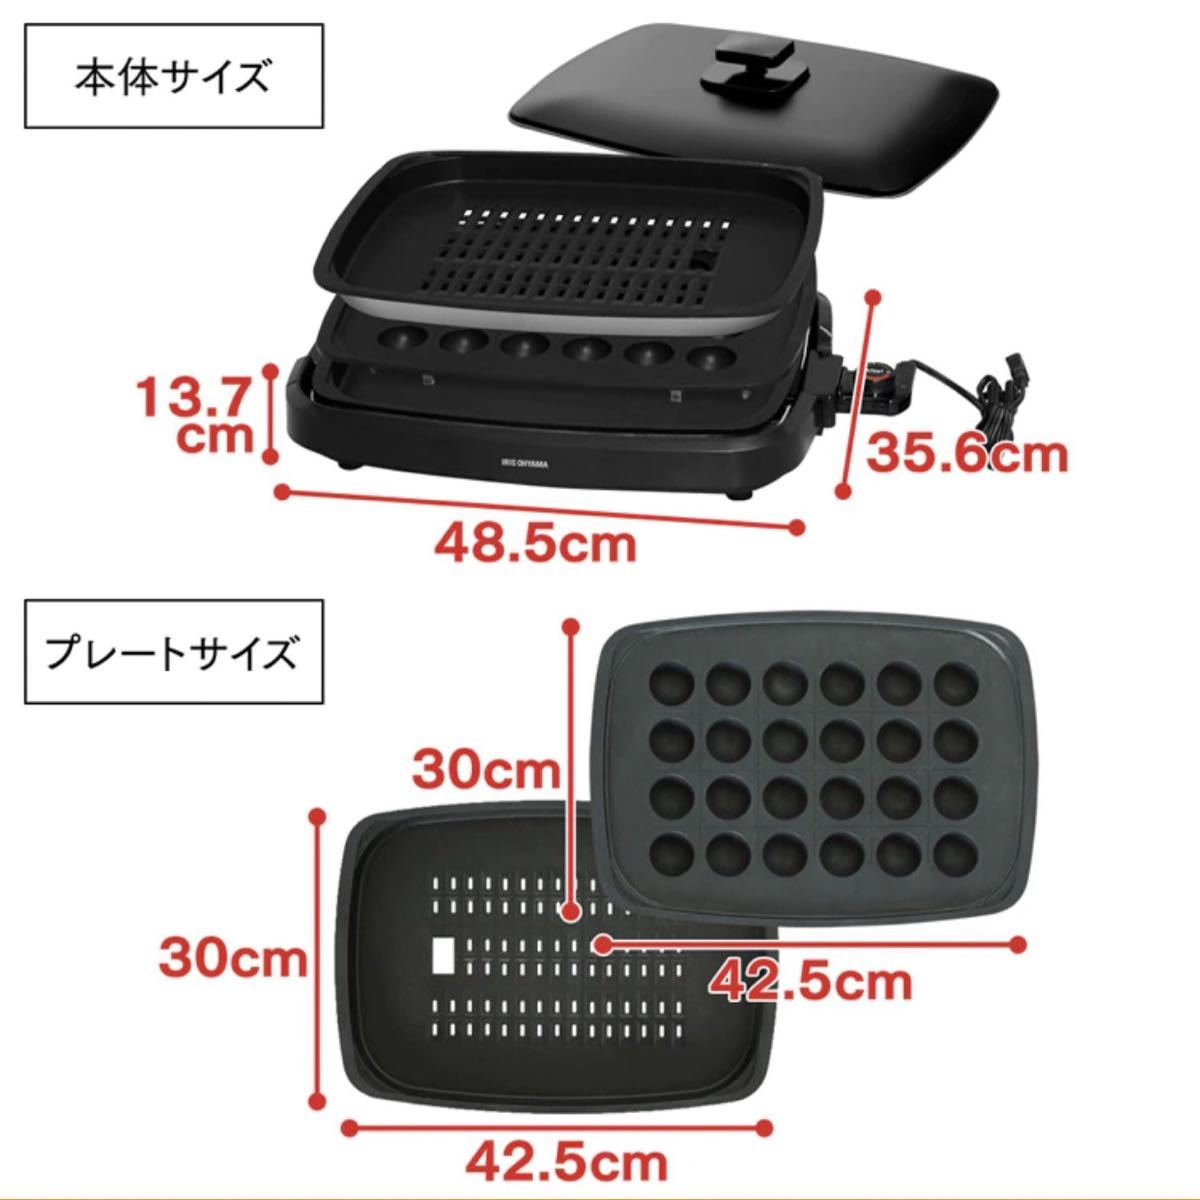 アイリスオーヤマ ホットプレート 3枚 網焼き風ホットプレート APA-137-B